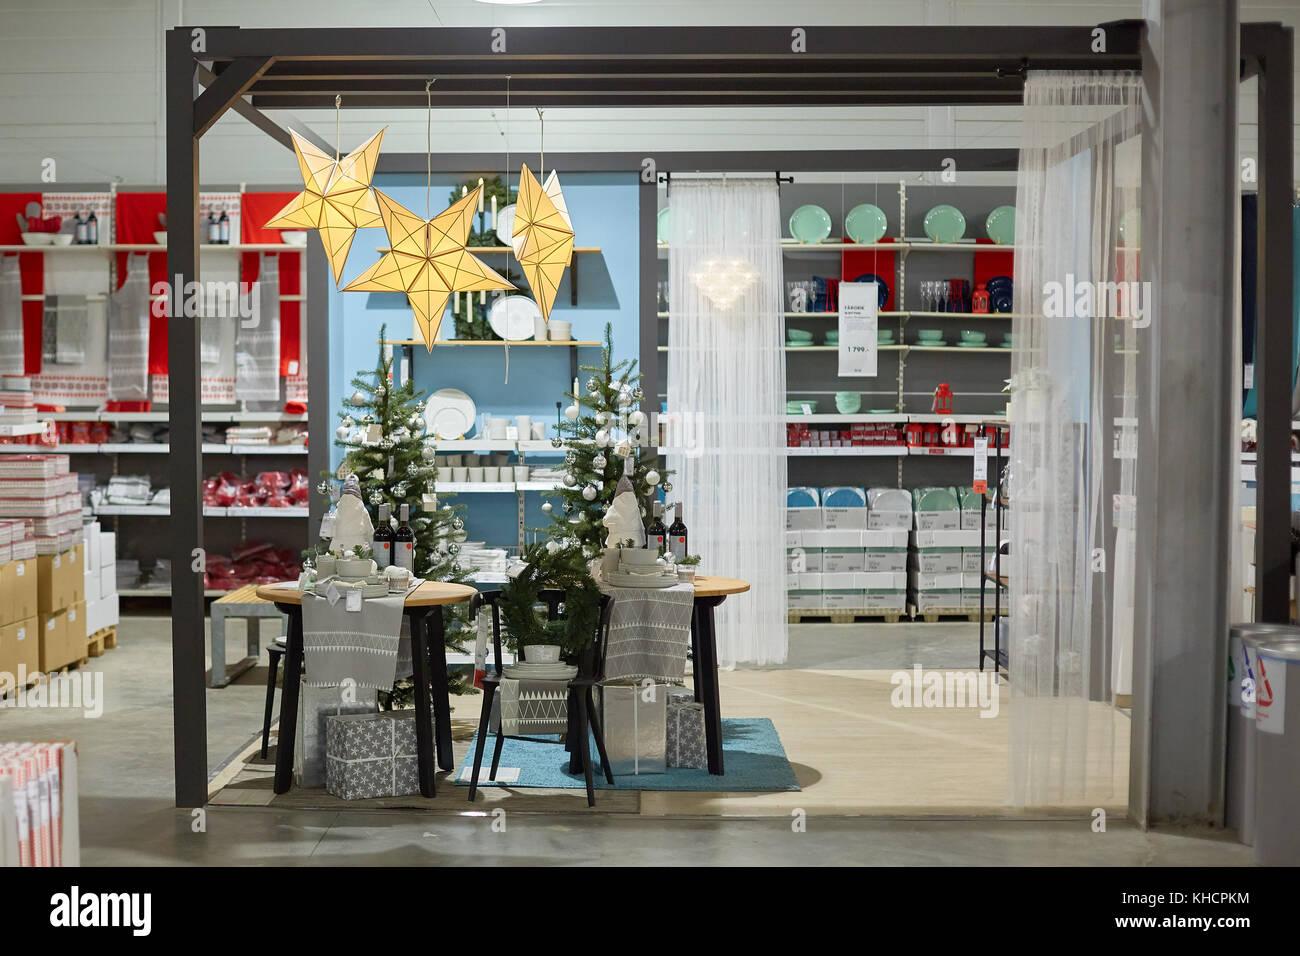 samara russie 15 novembre 2017 nol dcoration intrieur magasin ikea